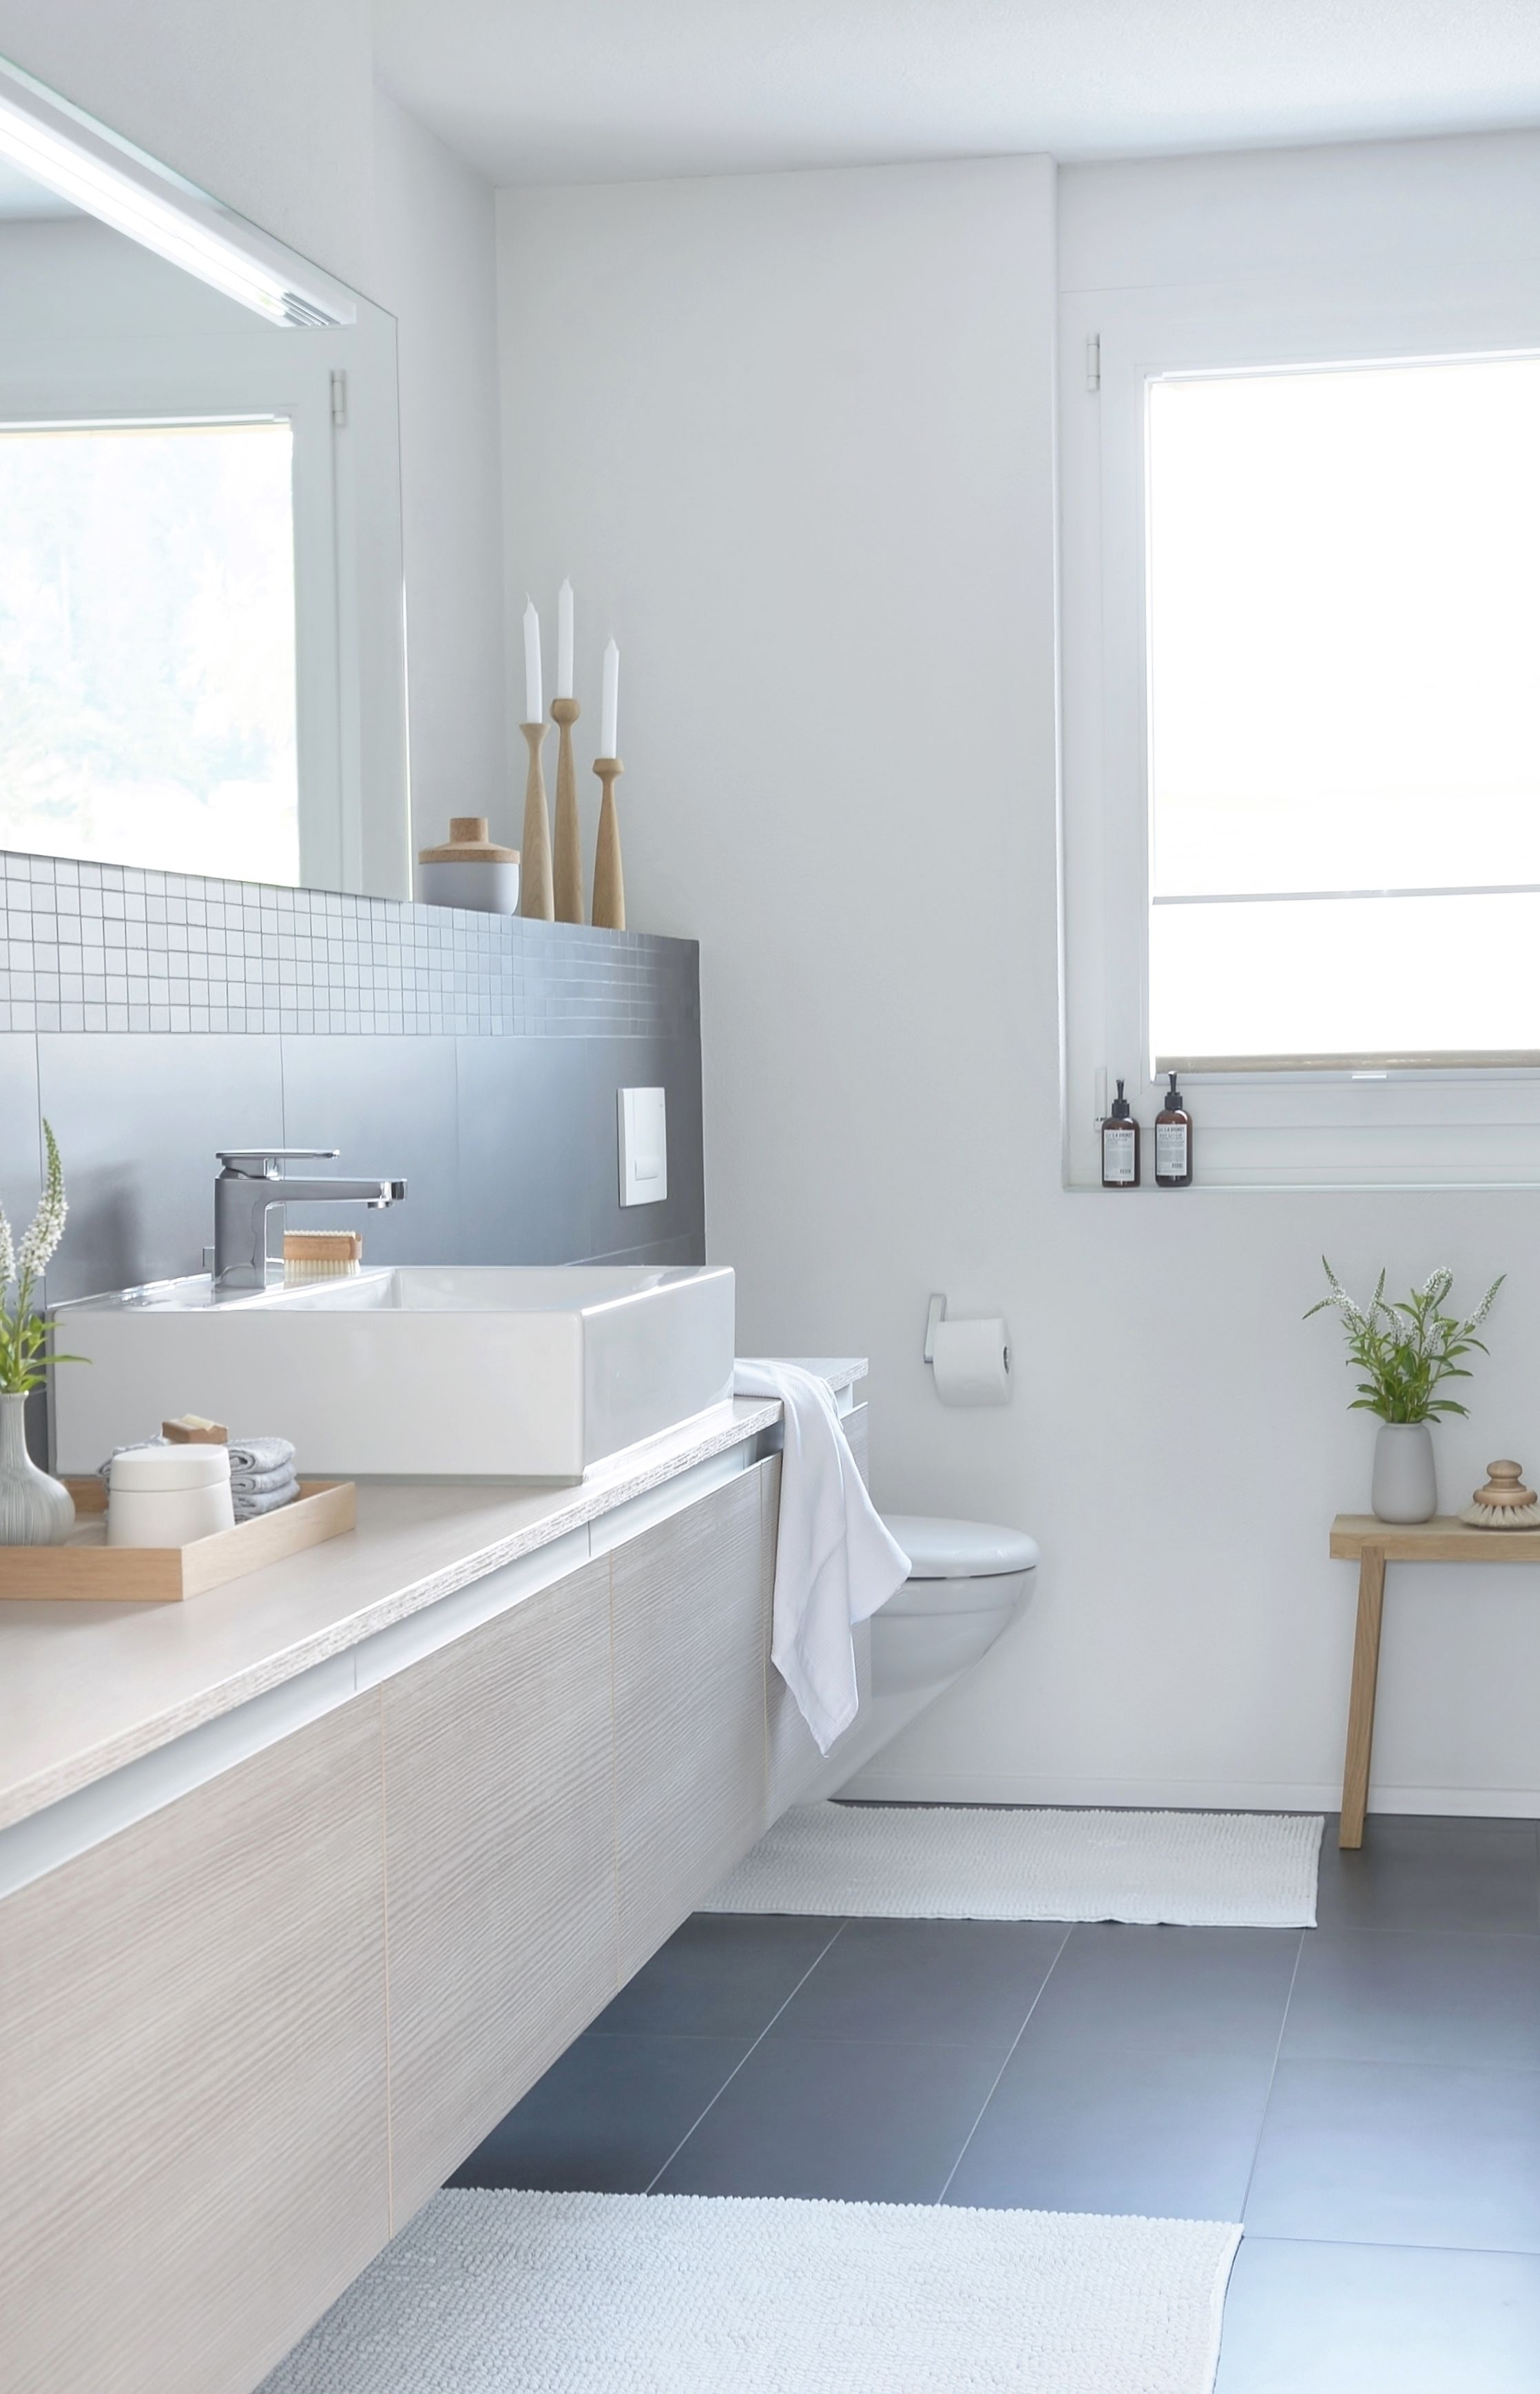 Home interior design badezimmer einfach einblick  bad  pinterest  interiors bath and bathroom interior